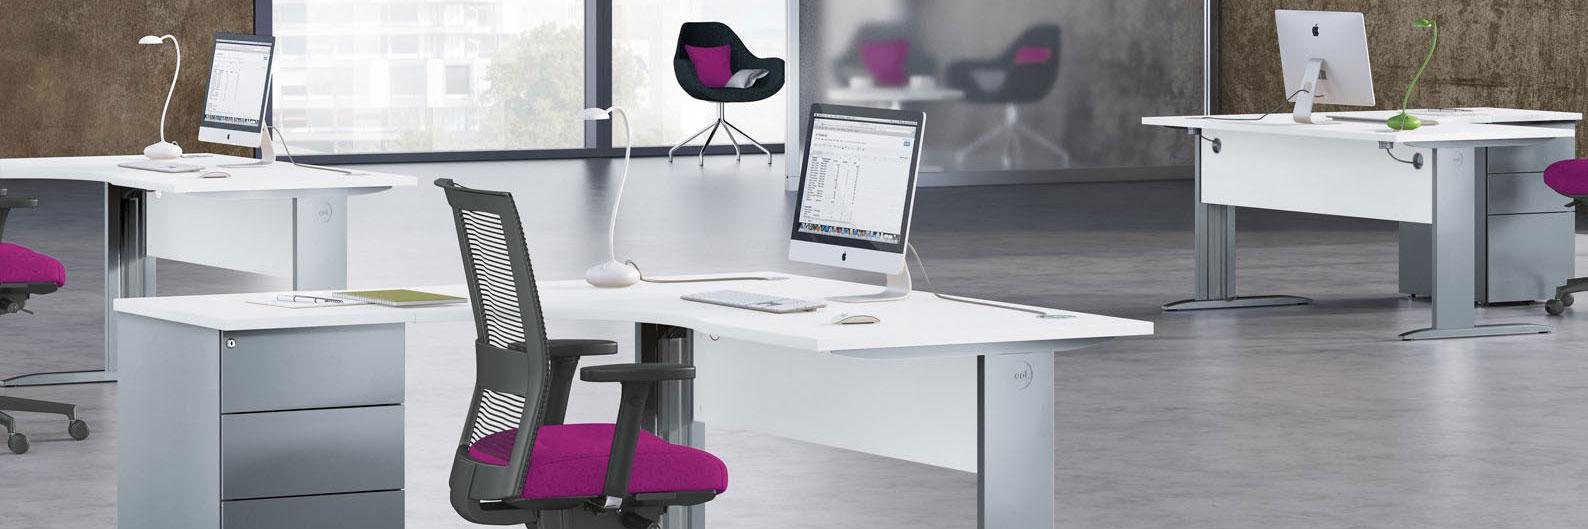 Caissons de bureaux pour ranger vos espaces de travail